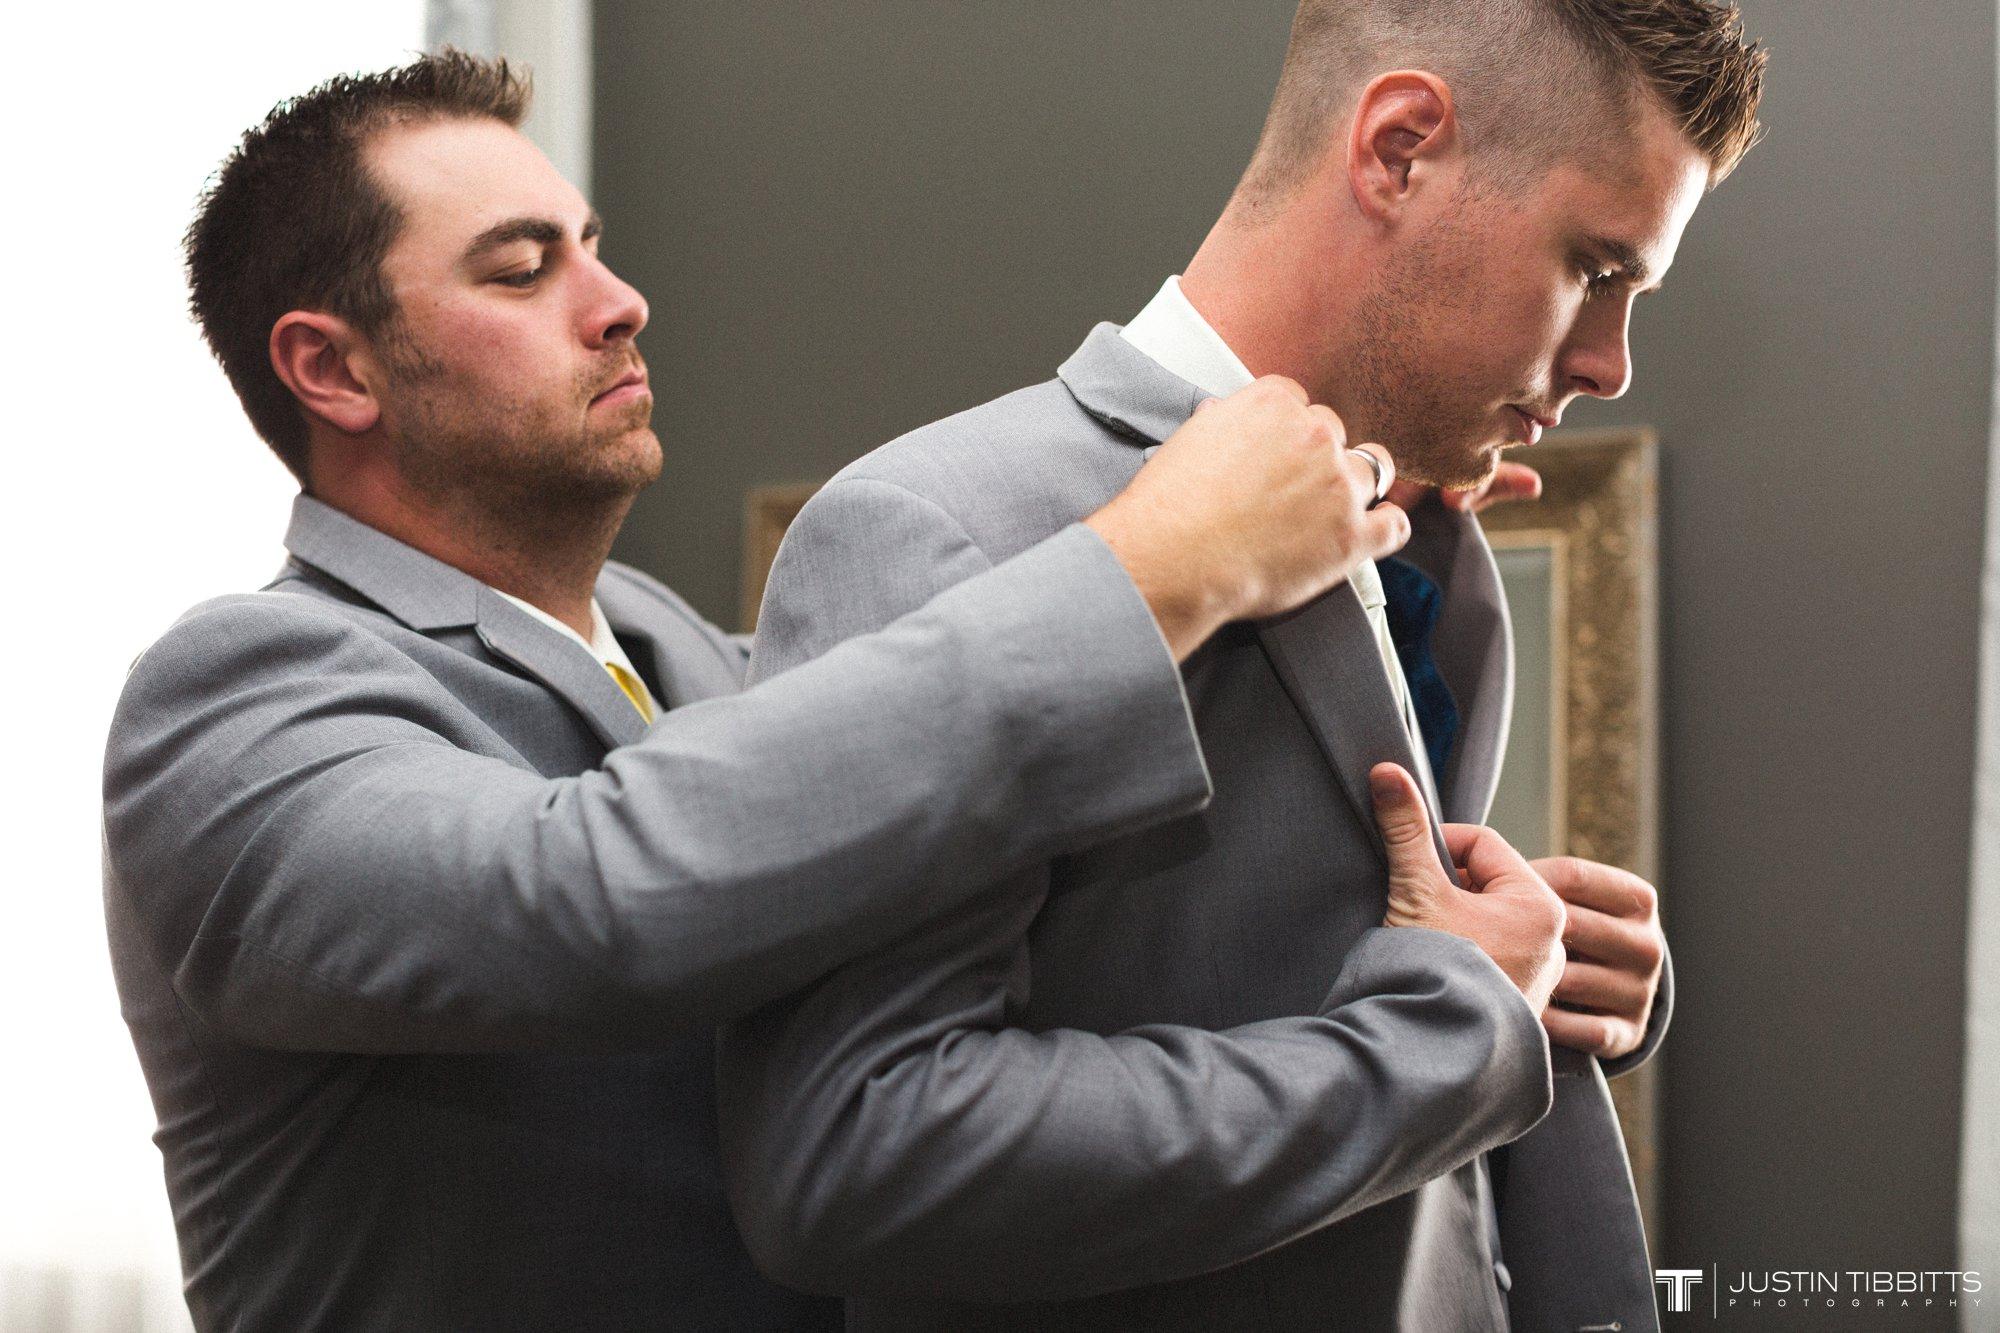 Albany NY Wedding Photographer Justin Tibbitts Photography 2014 Best of Albany NY Weddings-701014